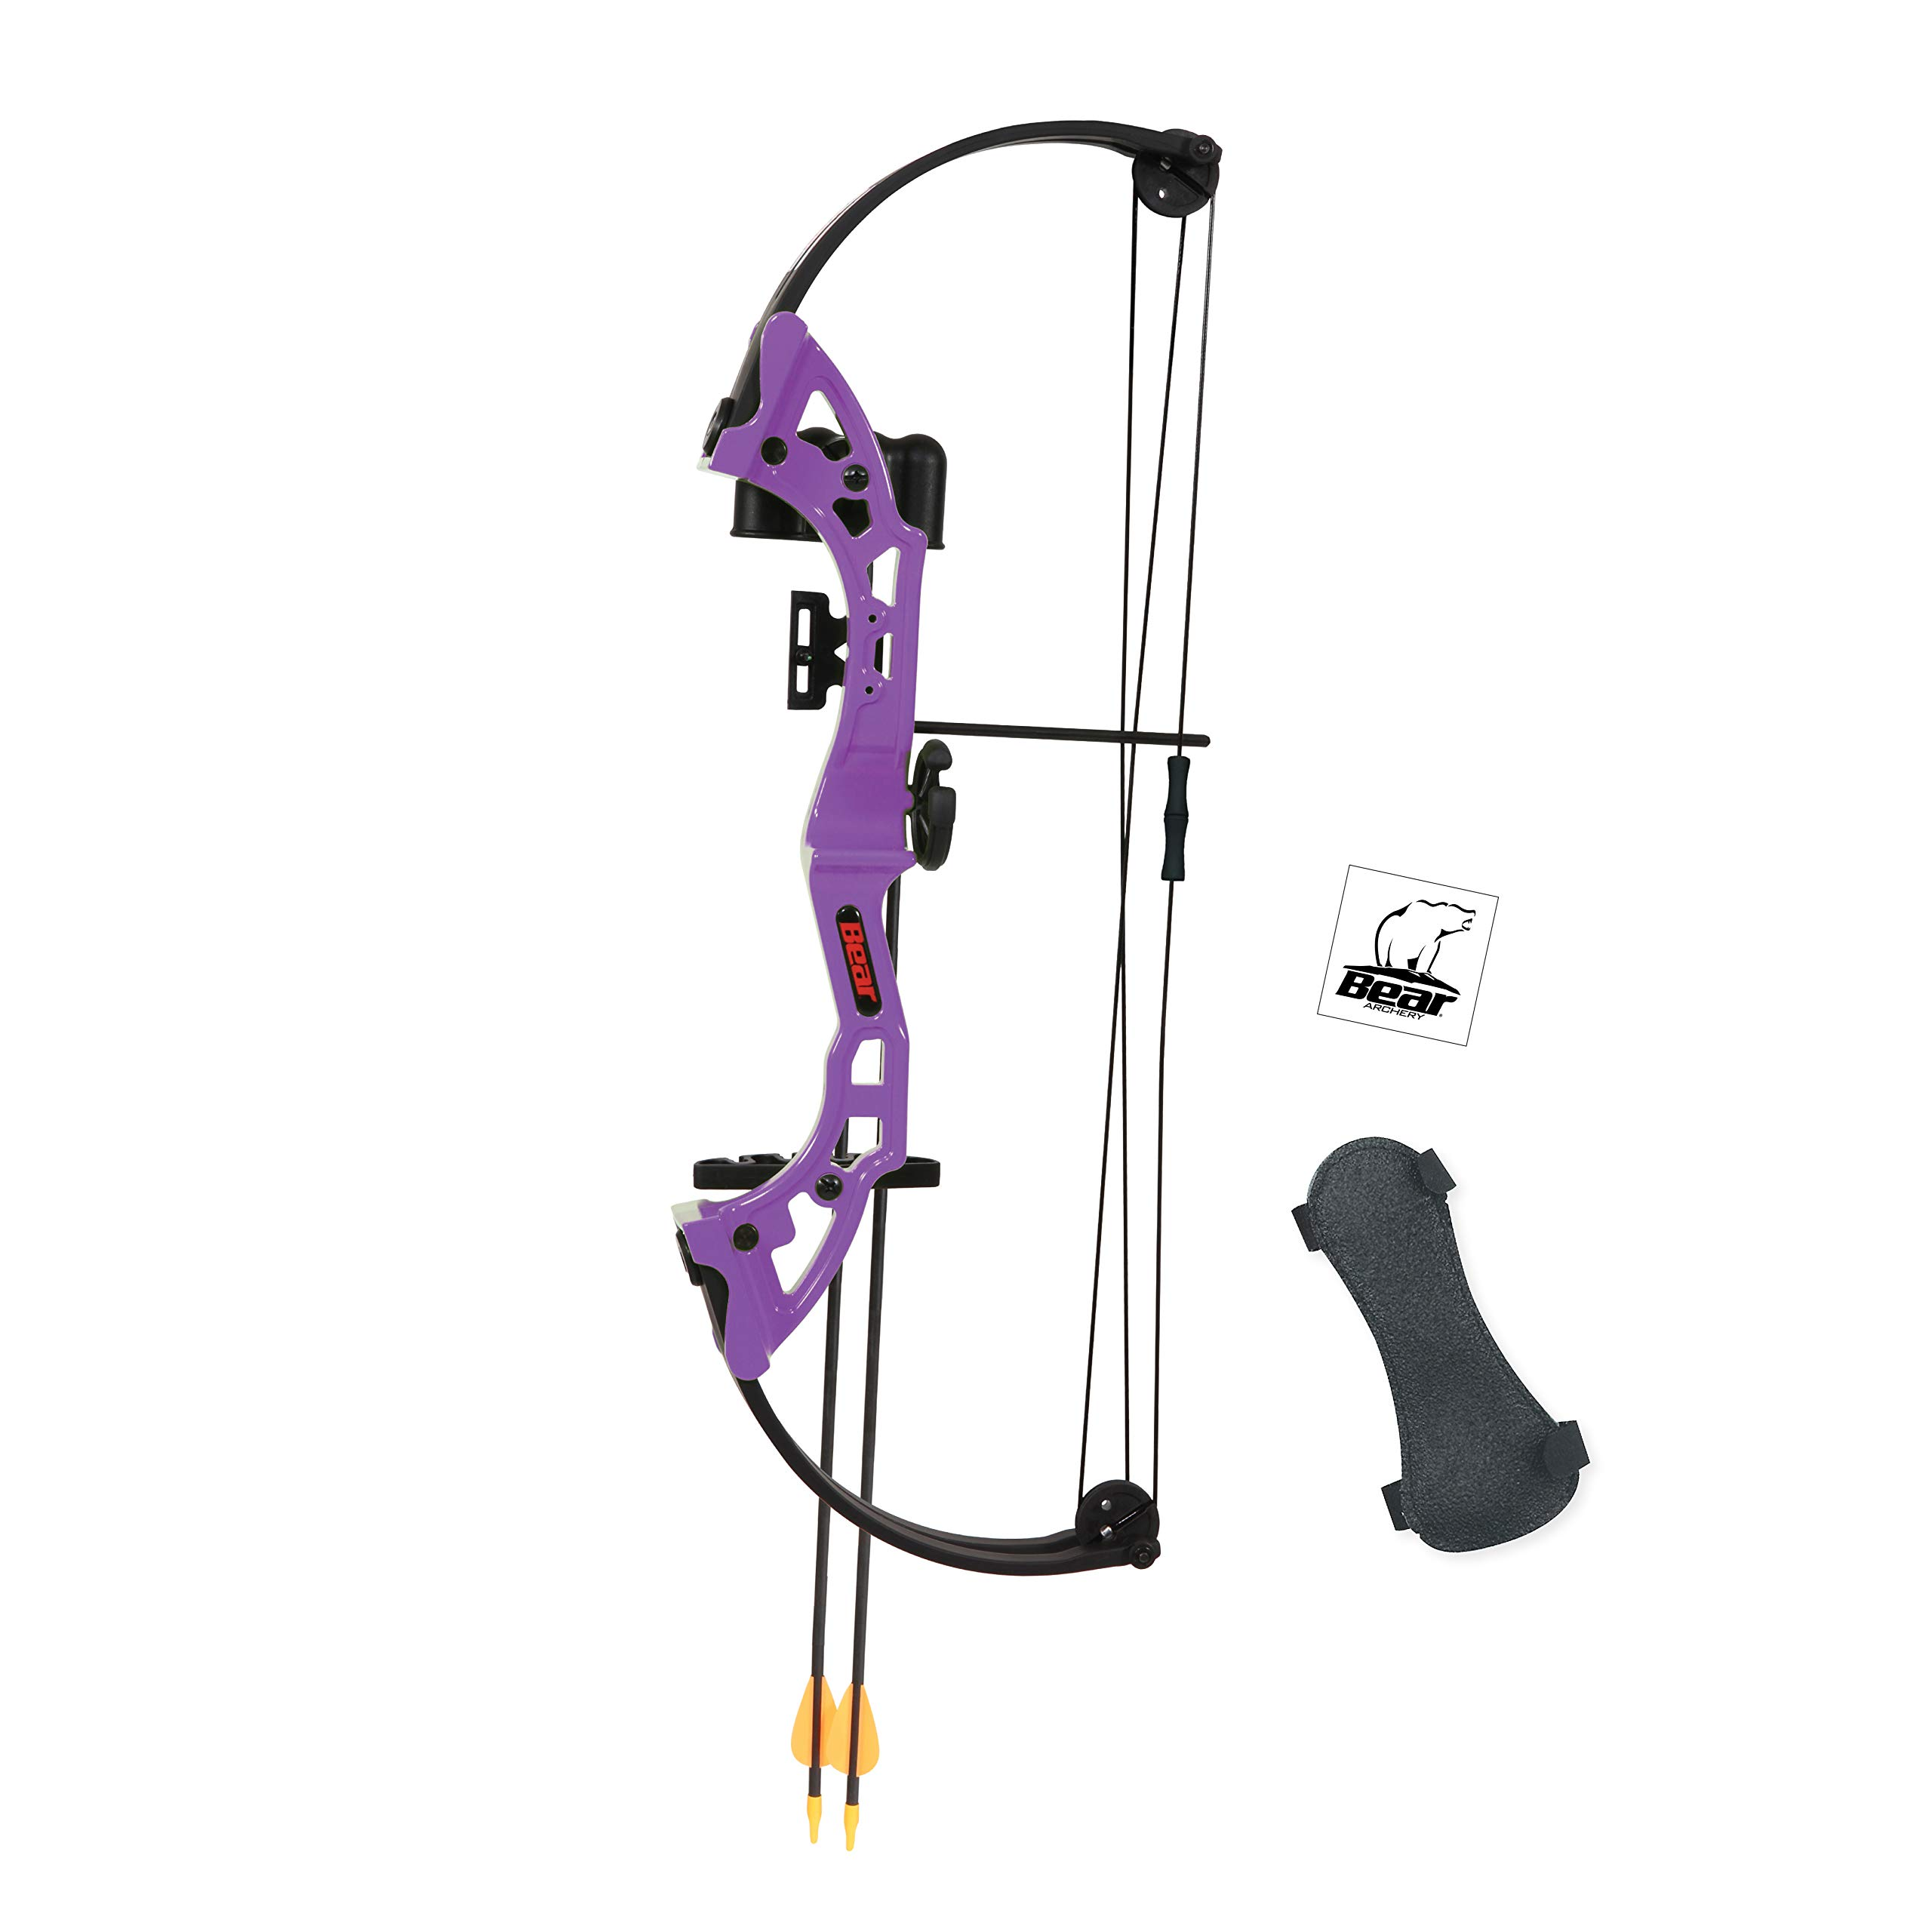 Bear Archery Brave Youth Bow -Purple by Bear Archery